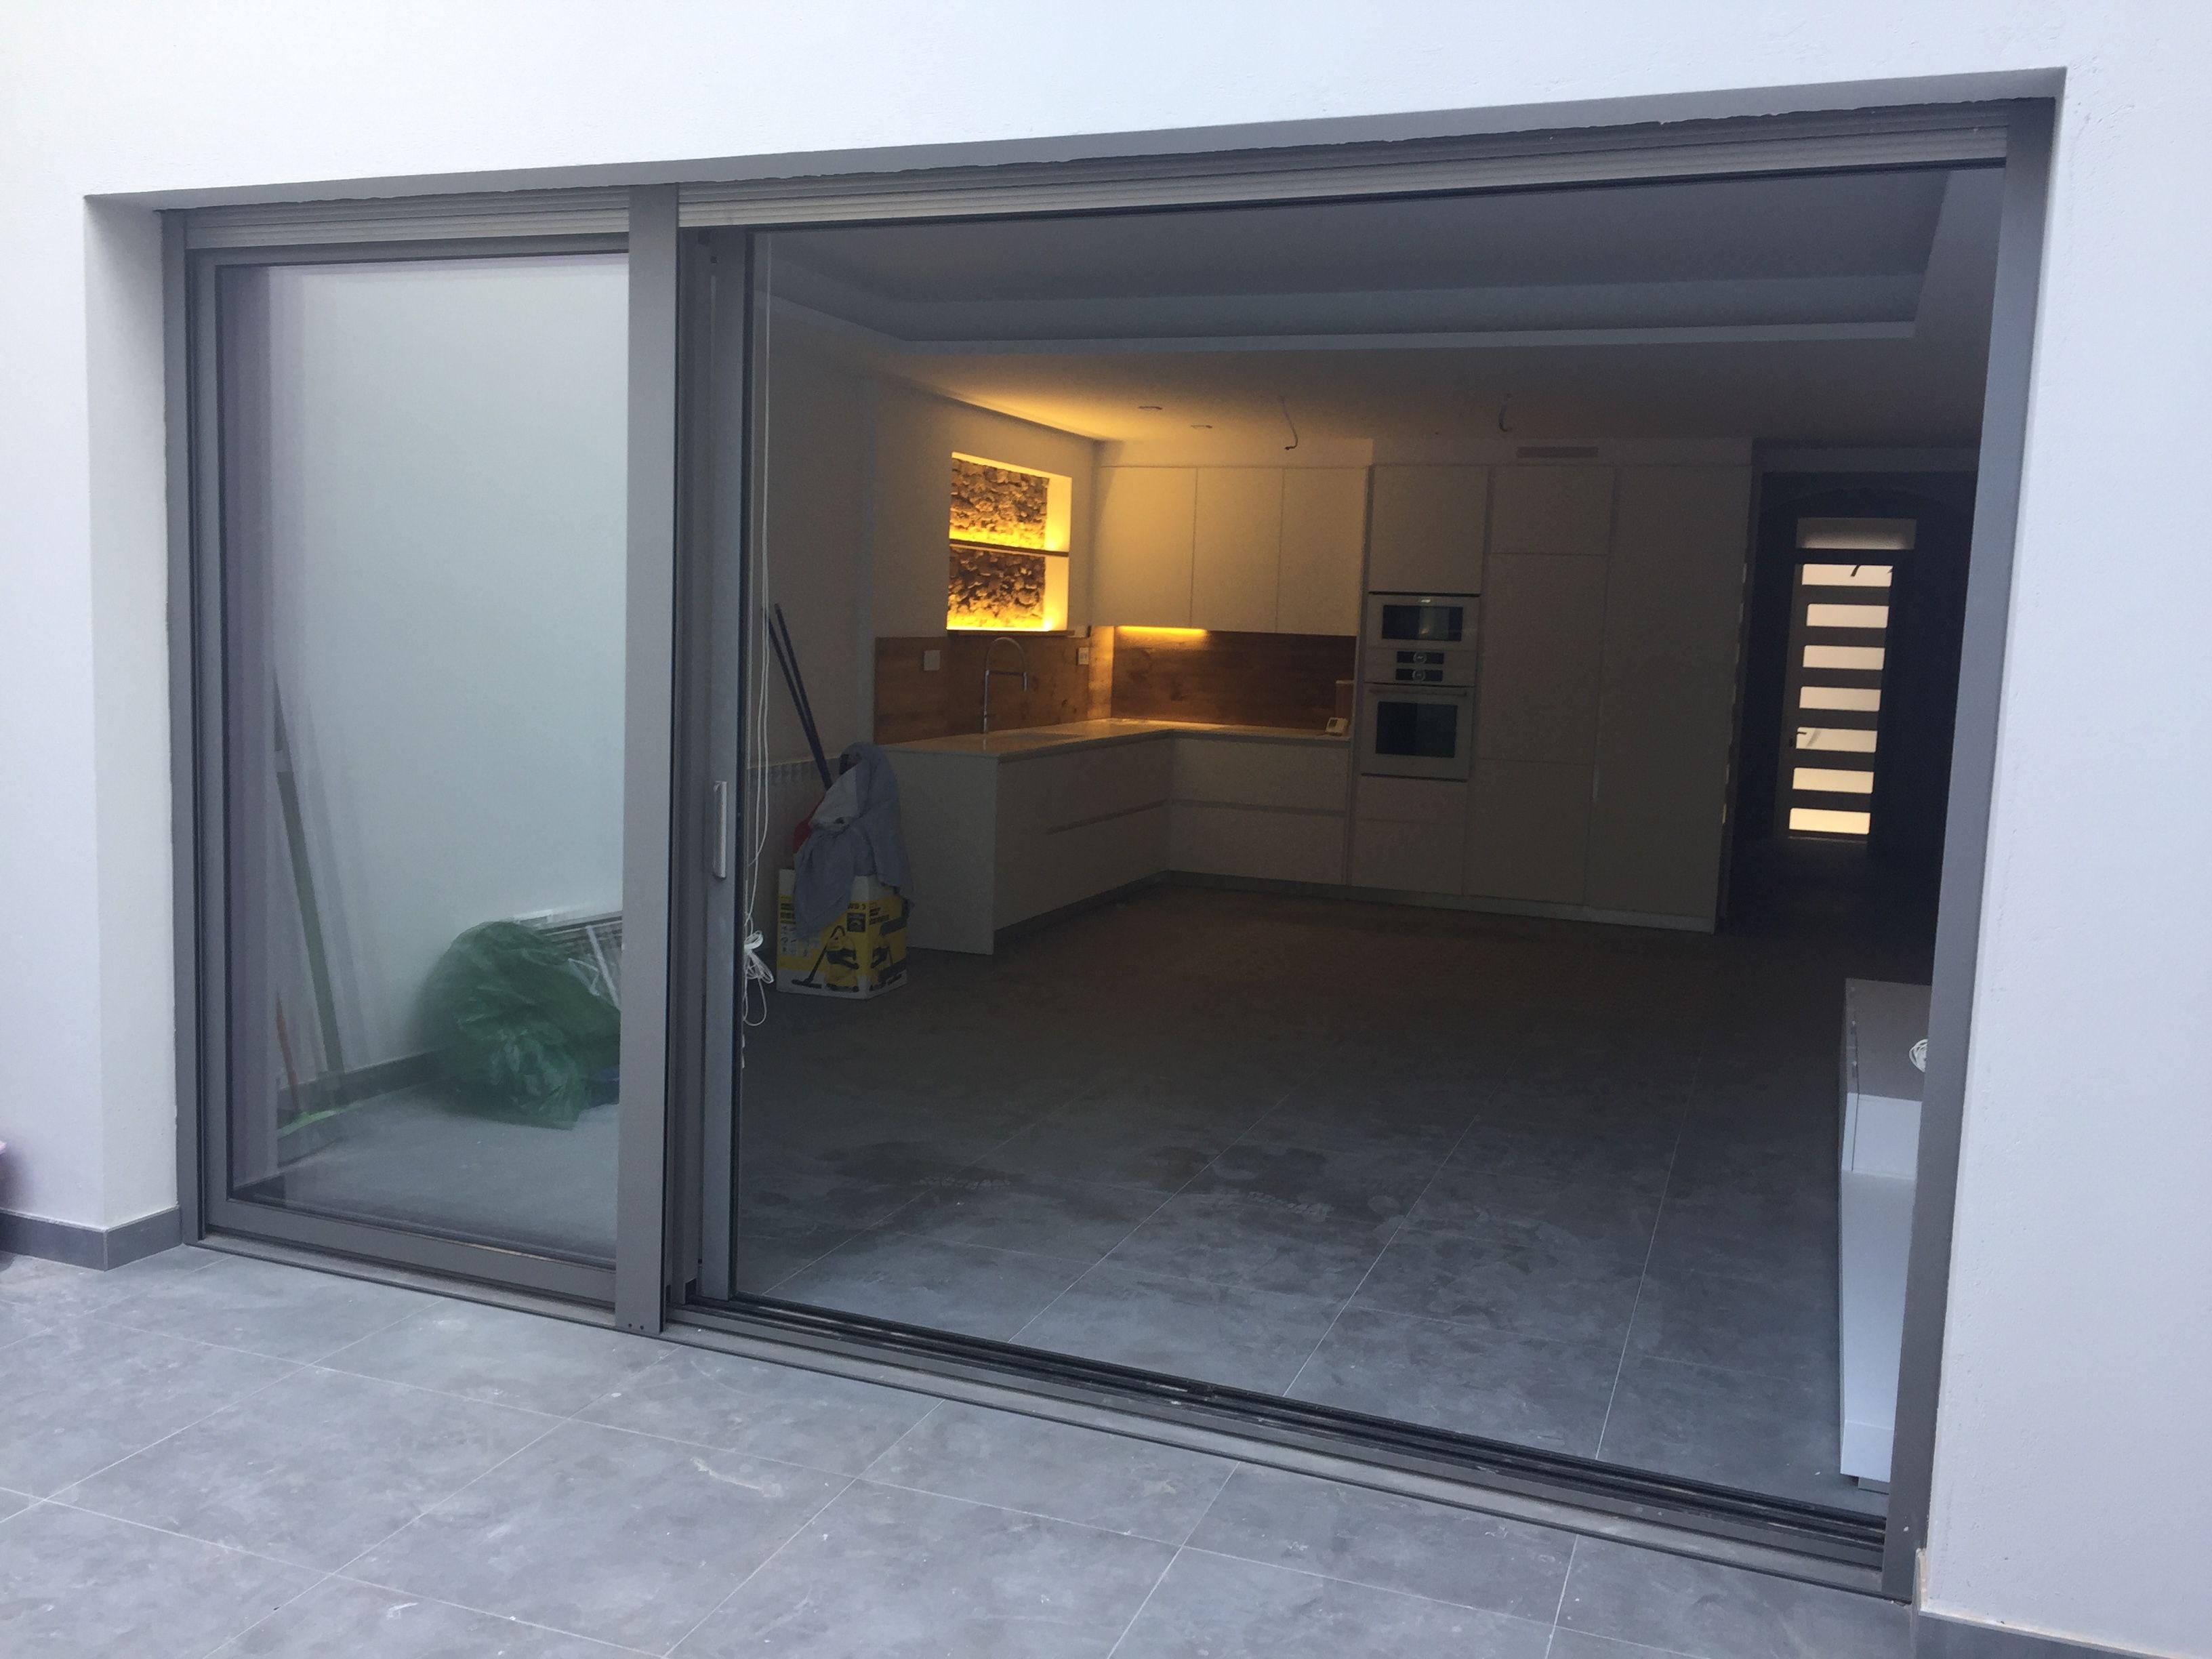 Foto 10 de Carpintería de aluminio, metálica y PVC en Terrassa | Tancaments Cusidó